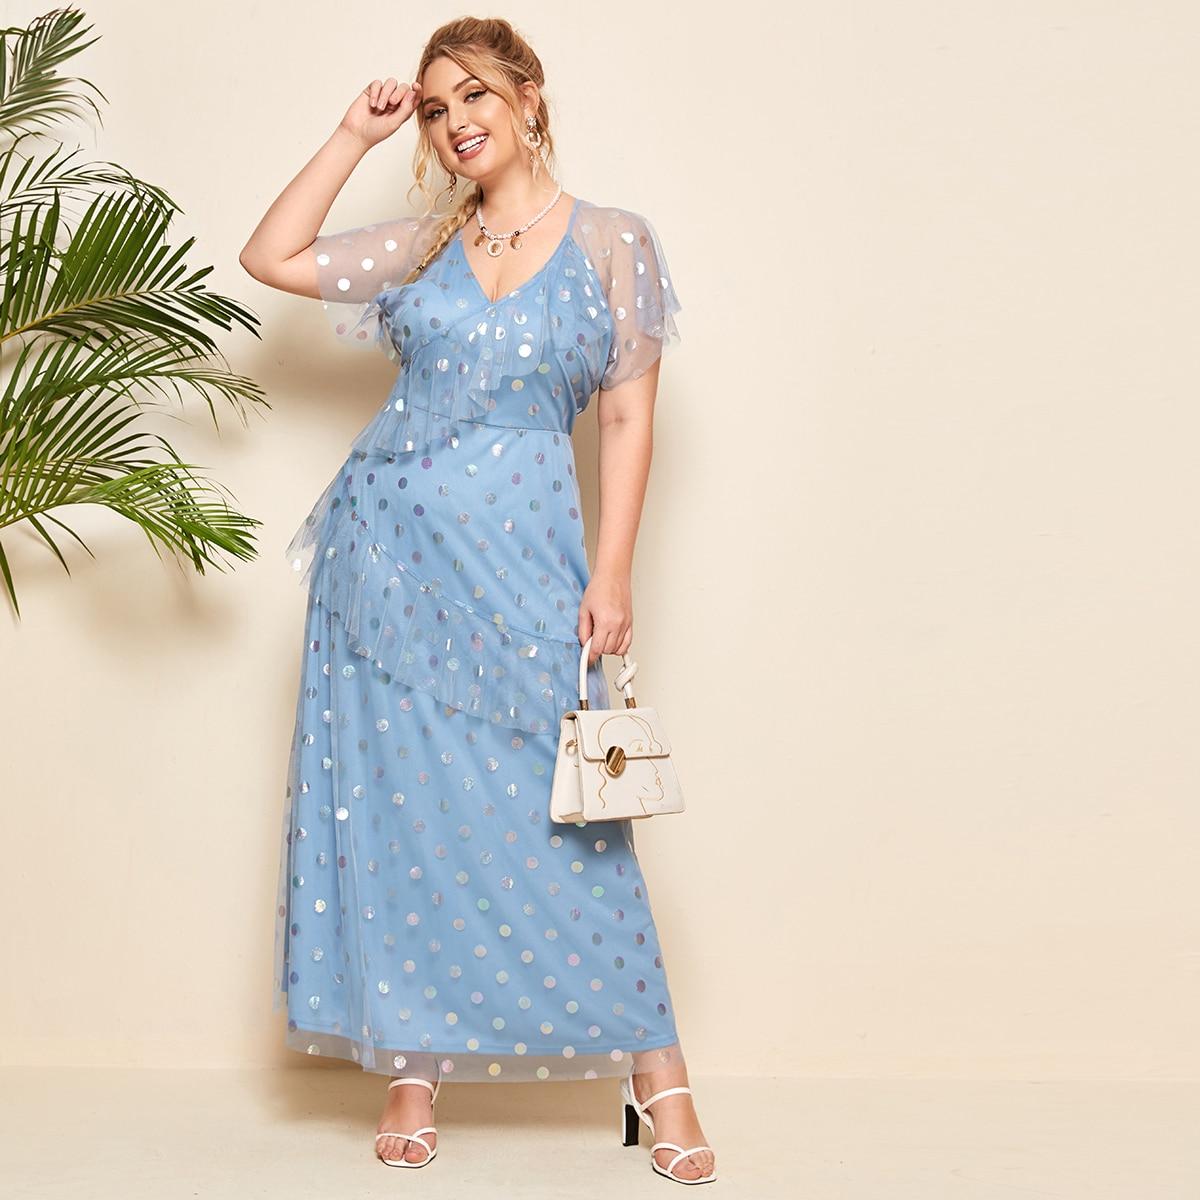 Сетчатое платье в горошек с оборками размера плюс